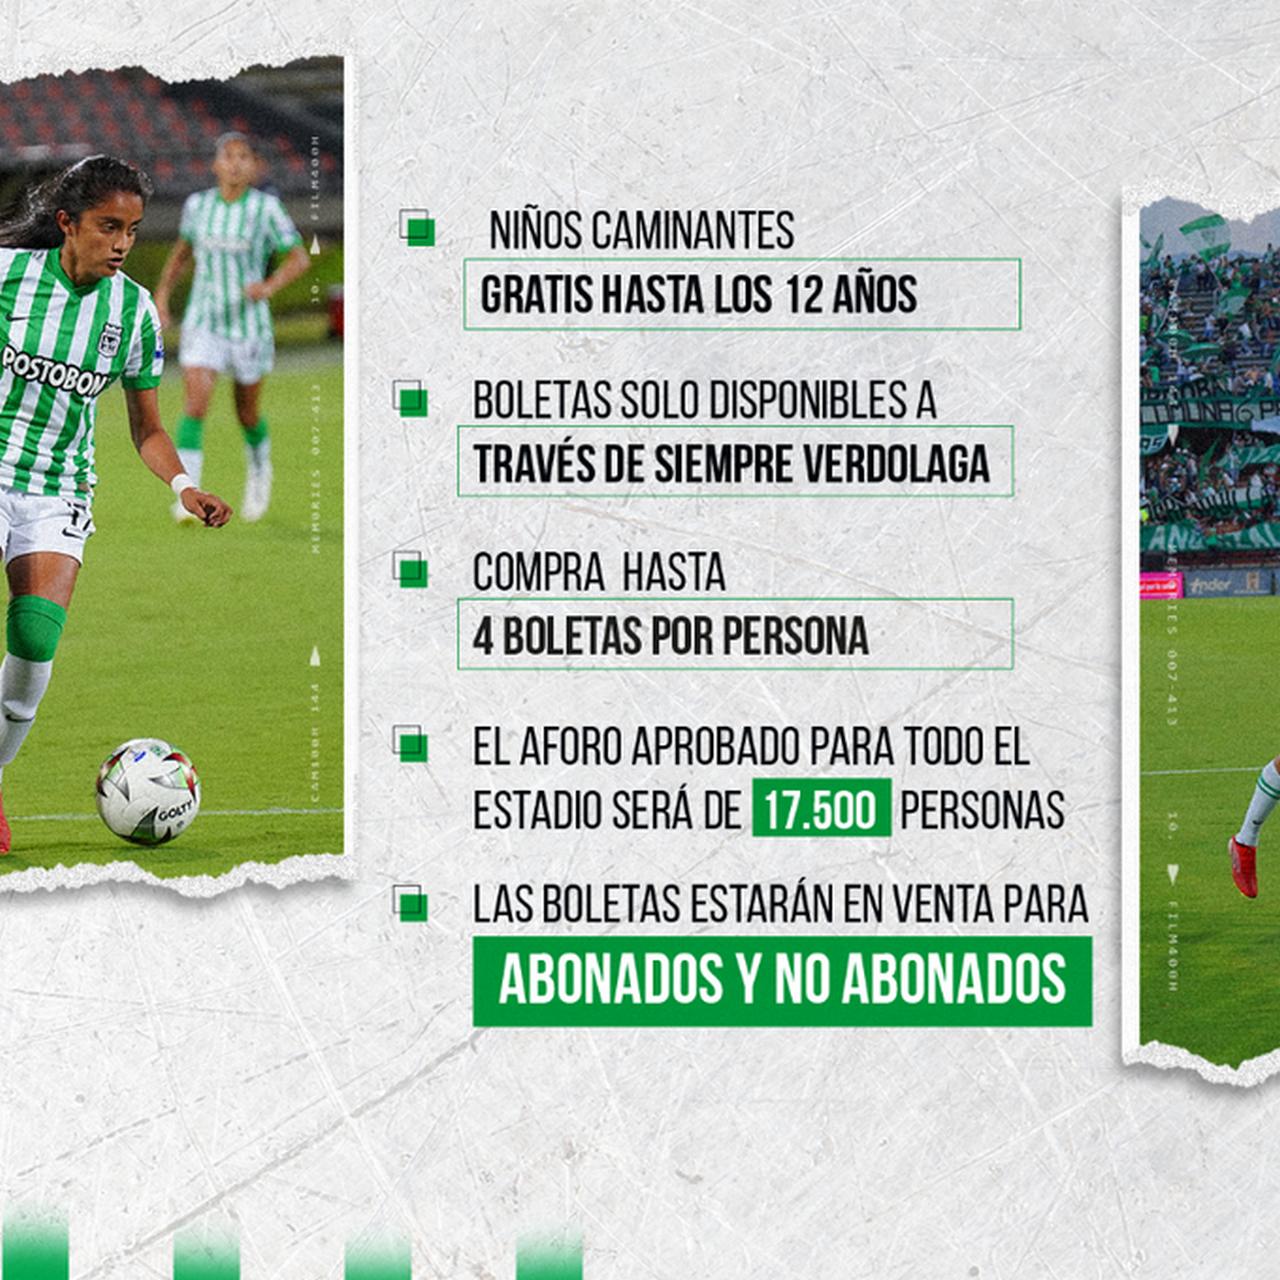 Hinchas de Nacional podran asistir al partido de la fecha 7 de la Liga ante Aguilas 3